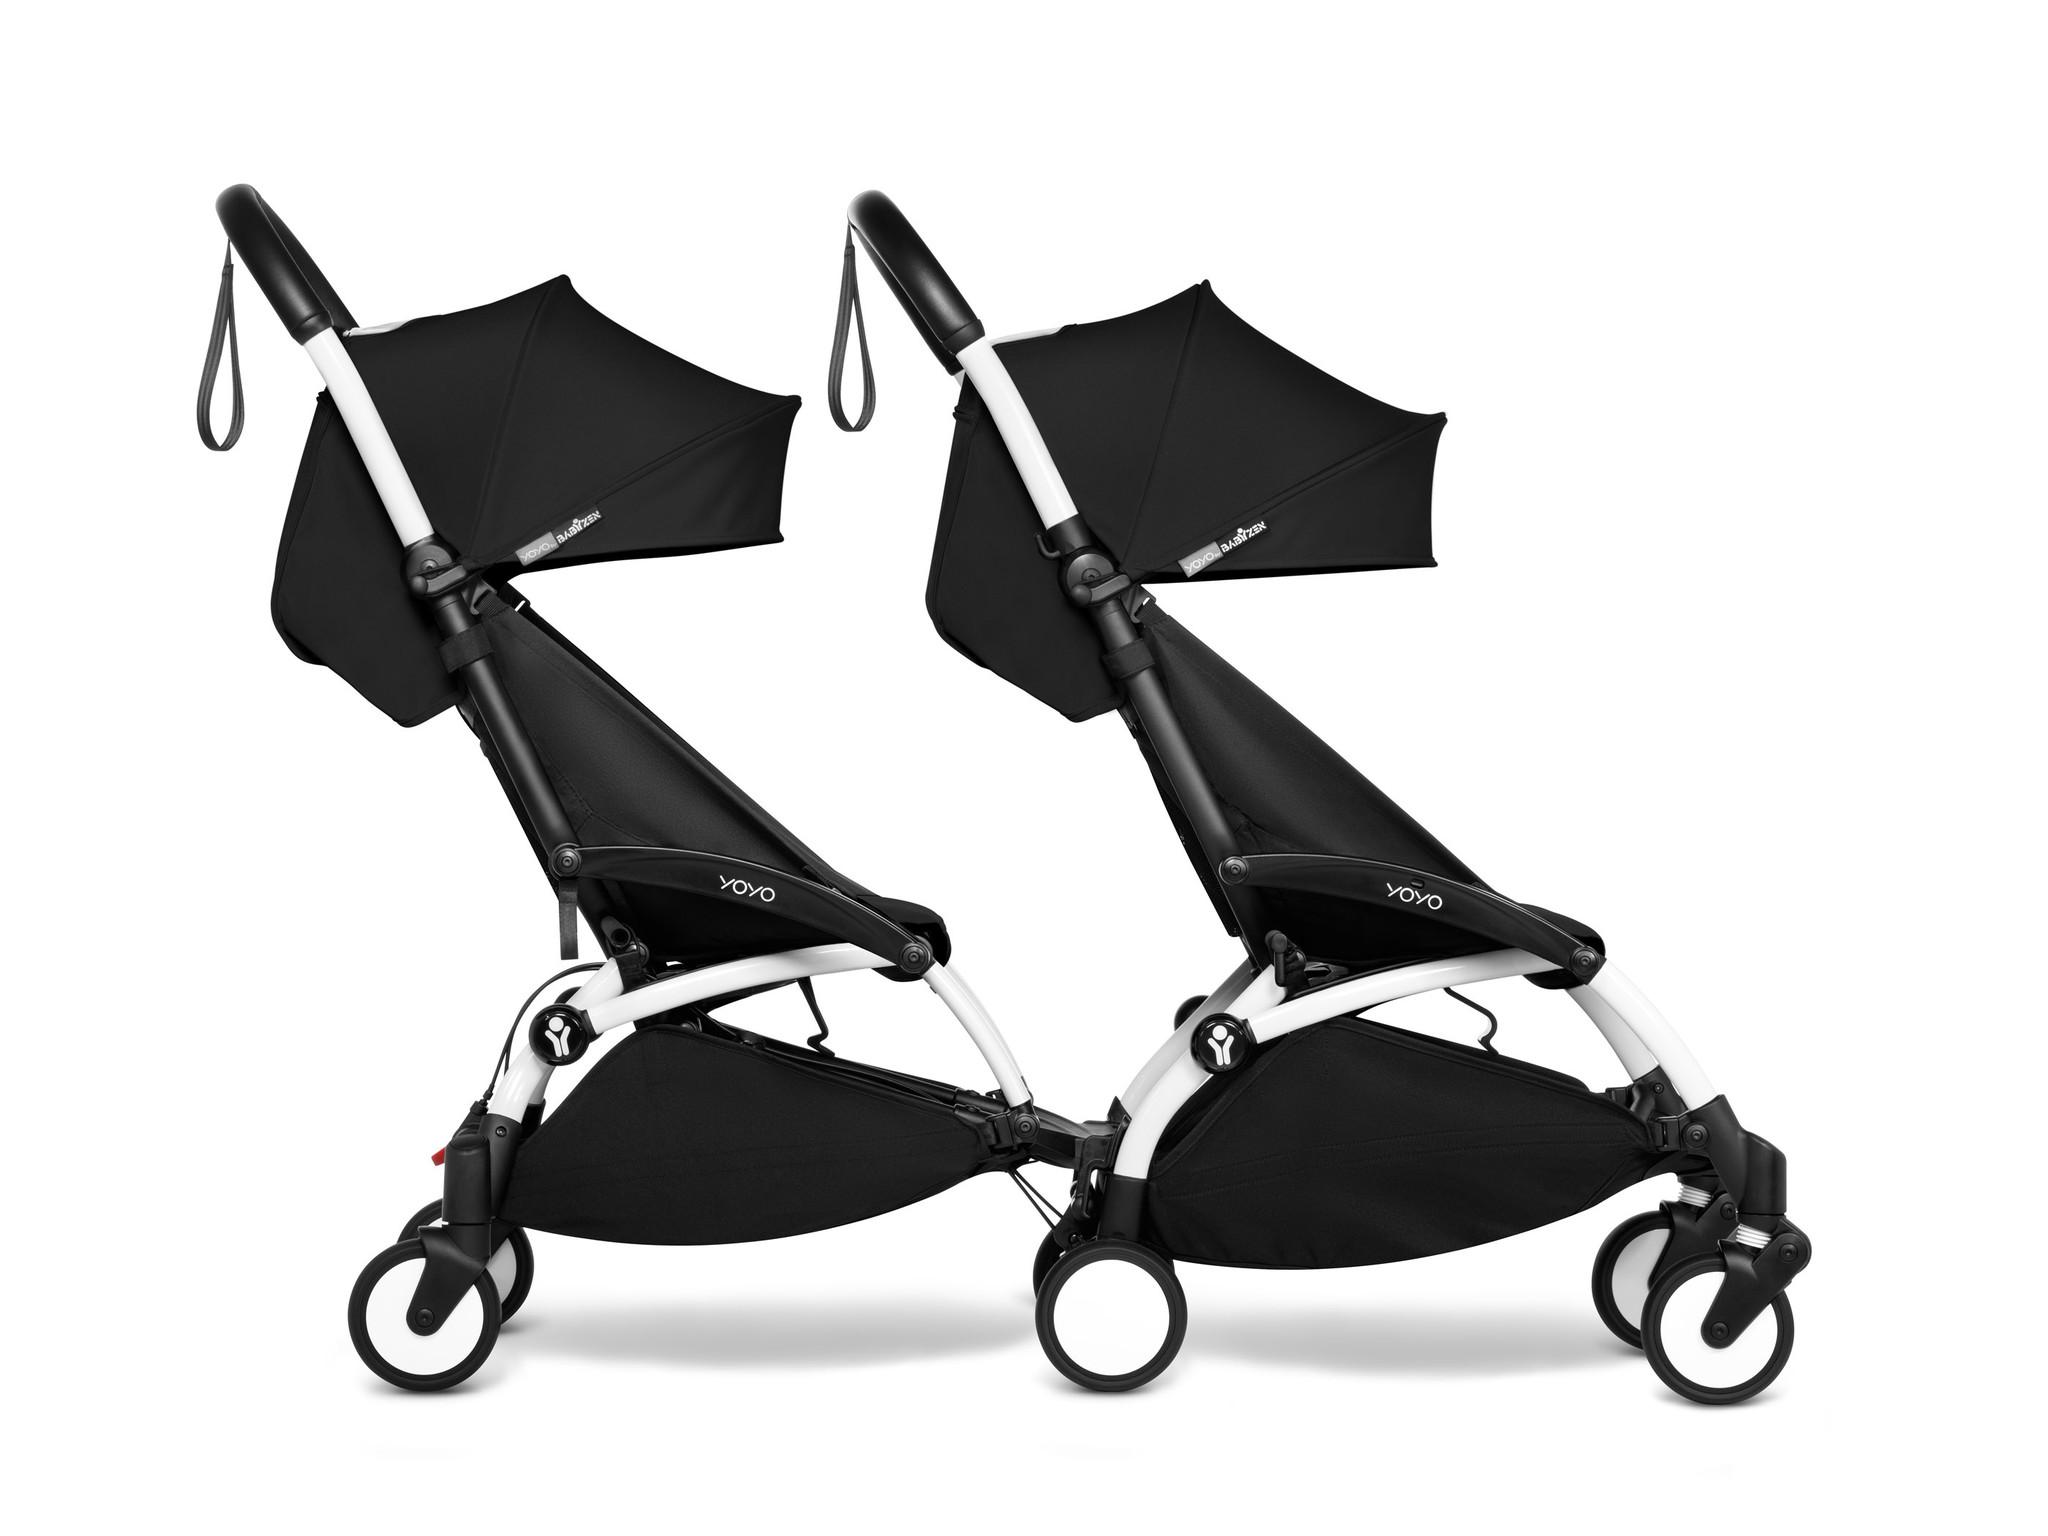 Babyzen YOYO2 wit frame met CONNECT compleet voor 2 kindjes van 6 mnd + kleur zwart